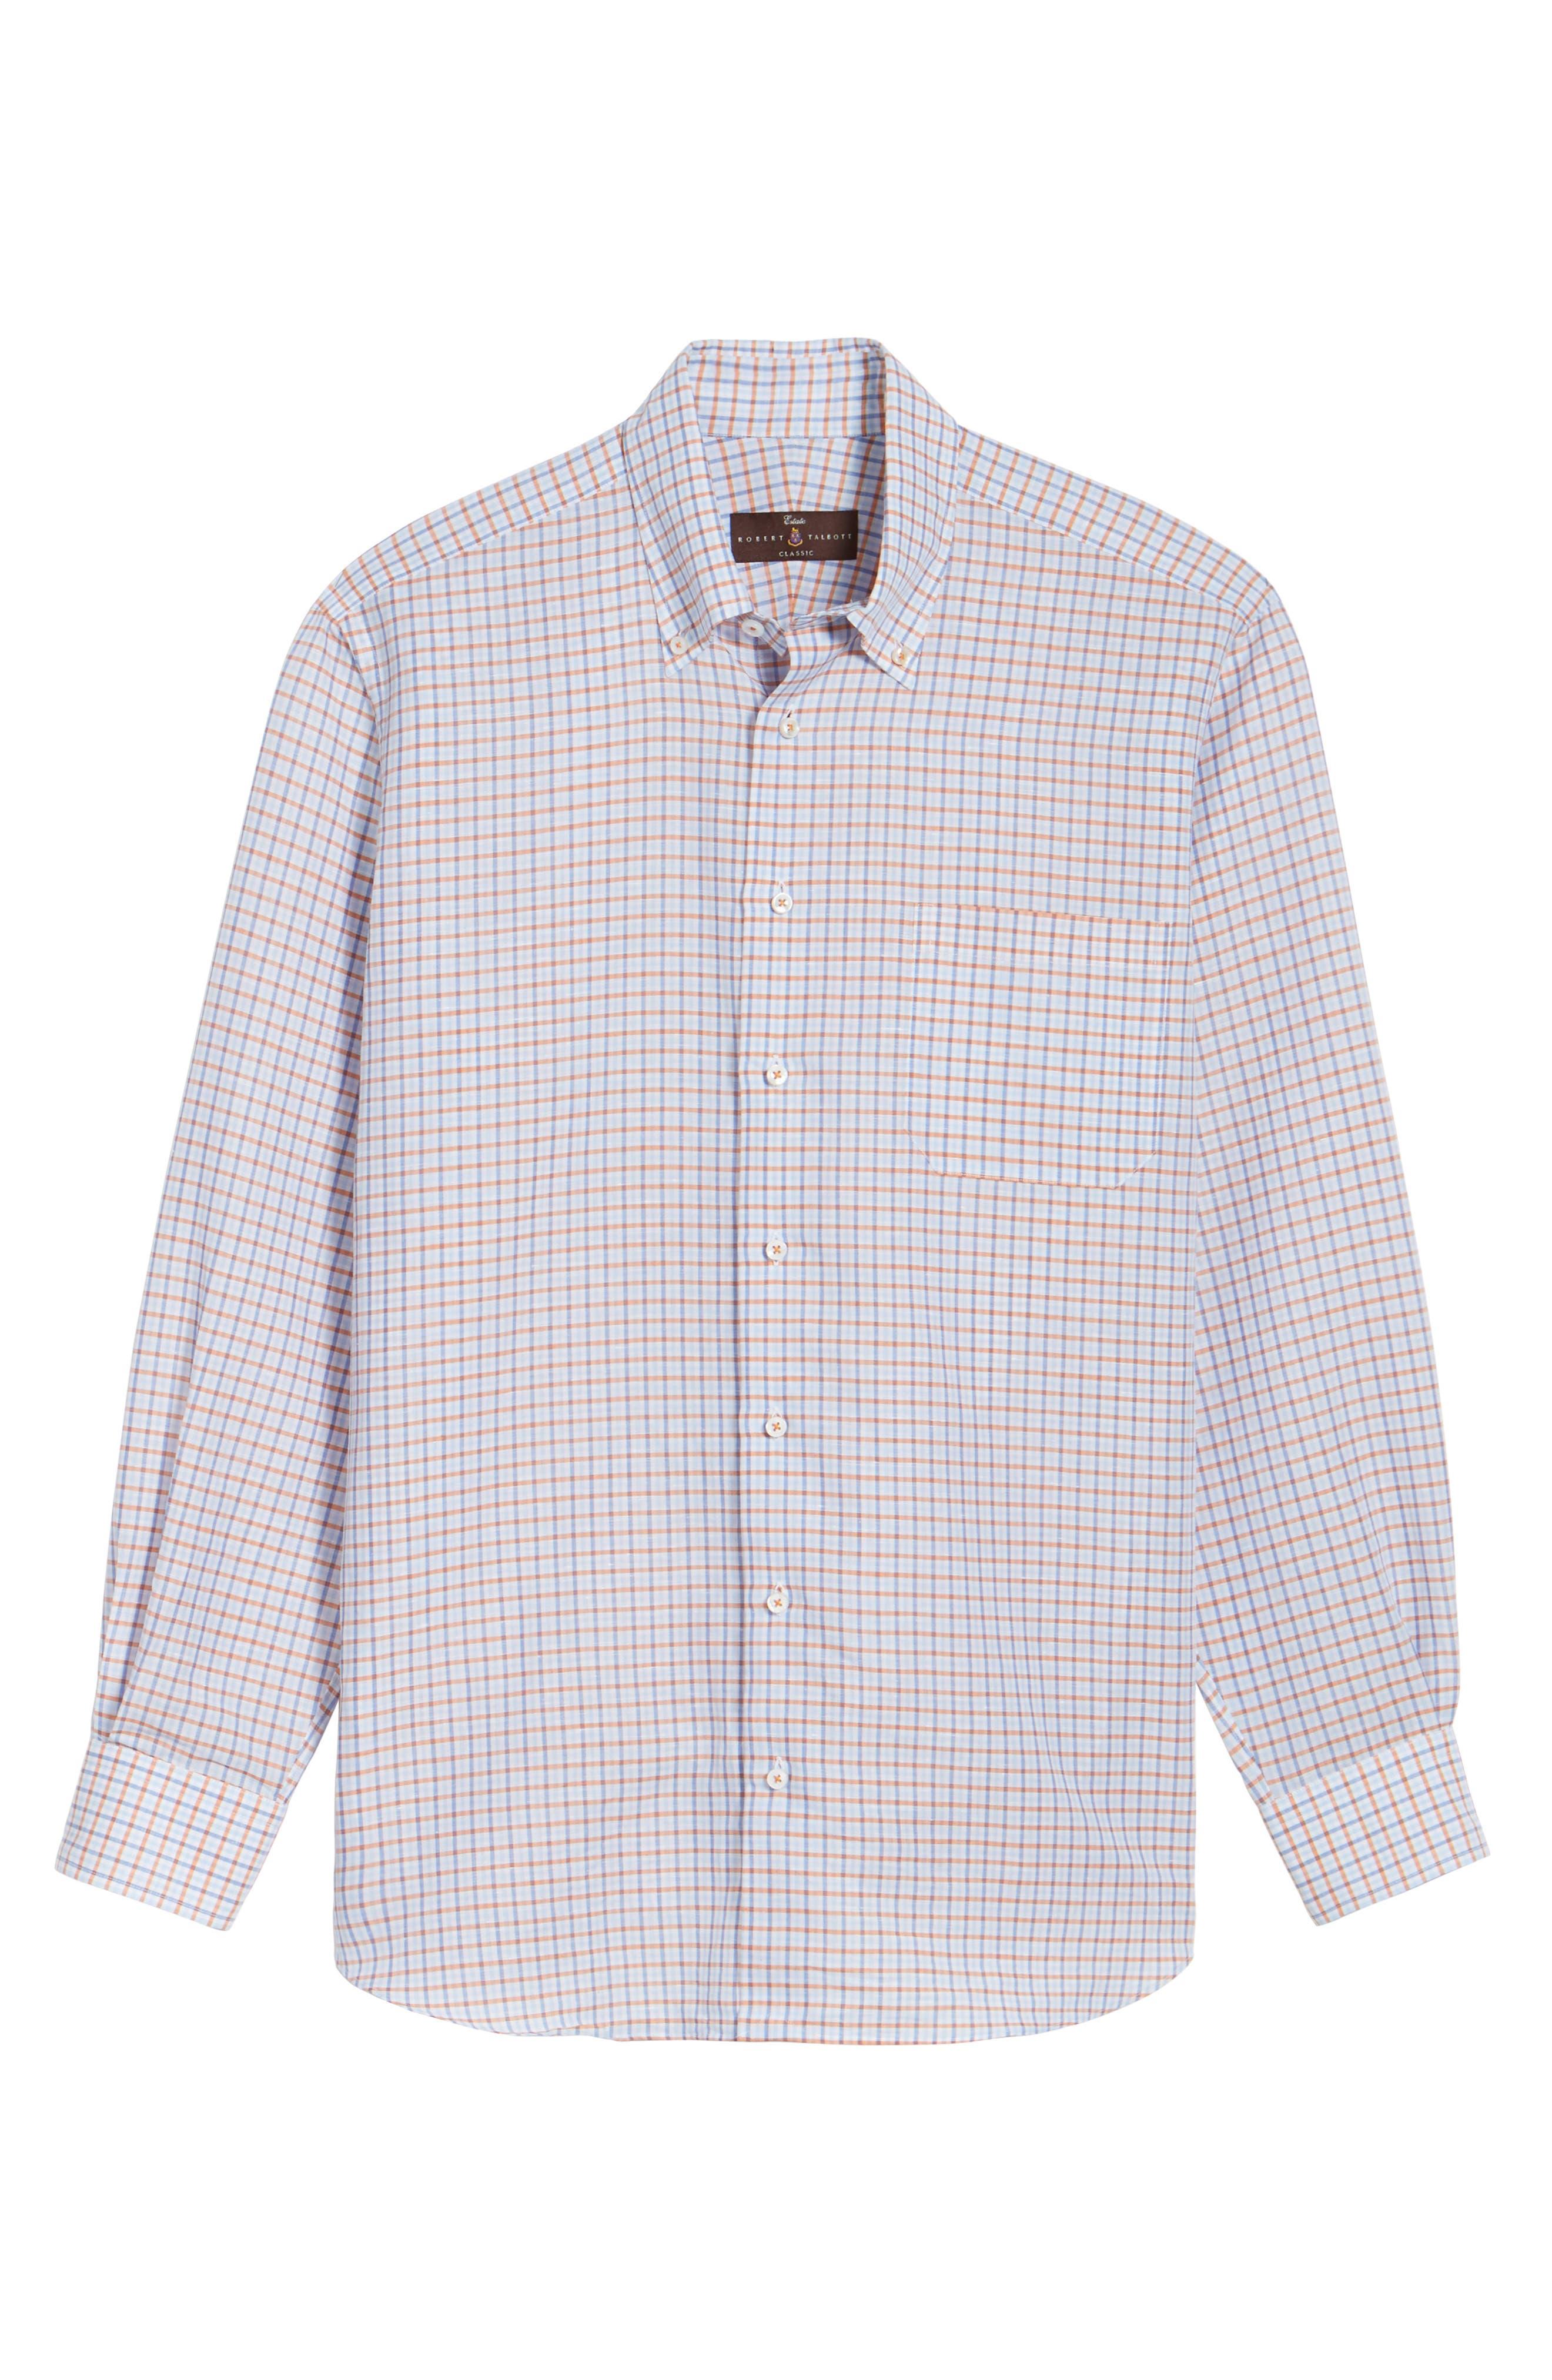 Estate Classic Fit Sport Shirt,                             Alternate thumbnail 6, color,                             810